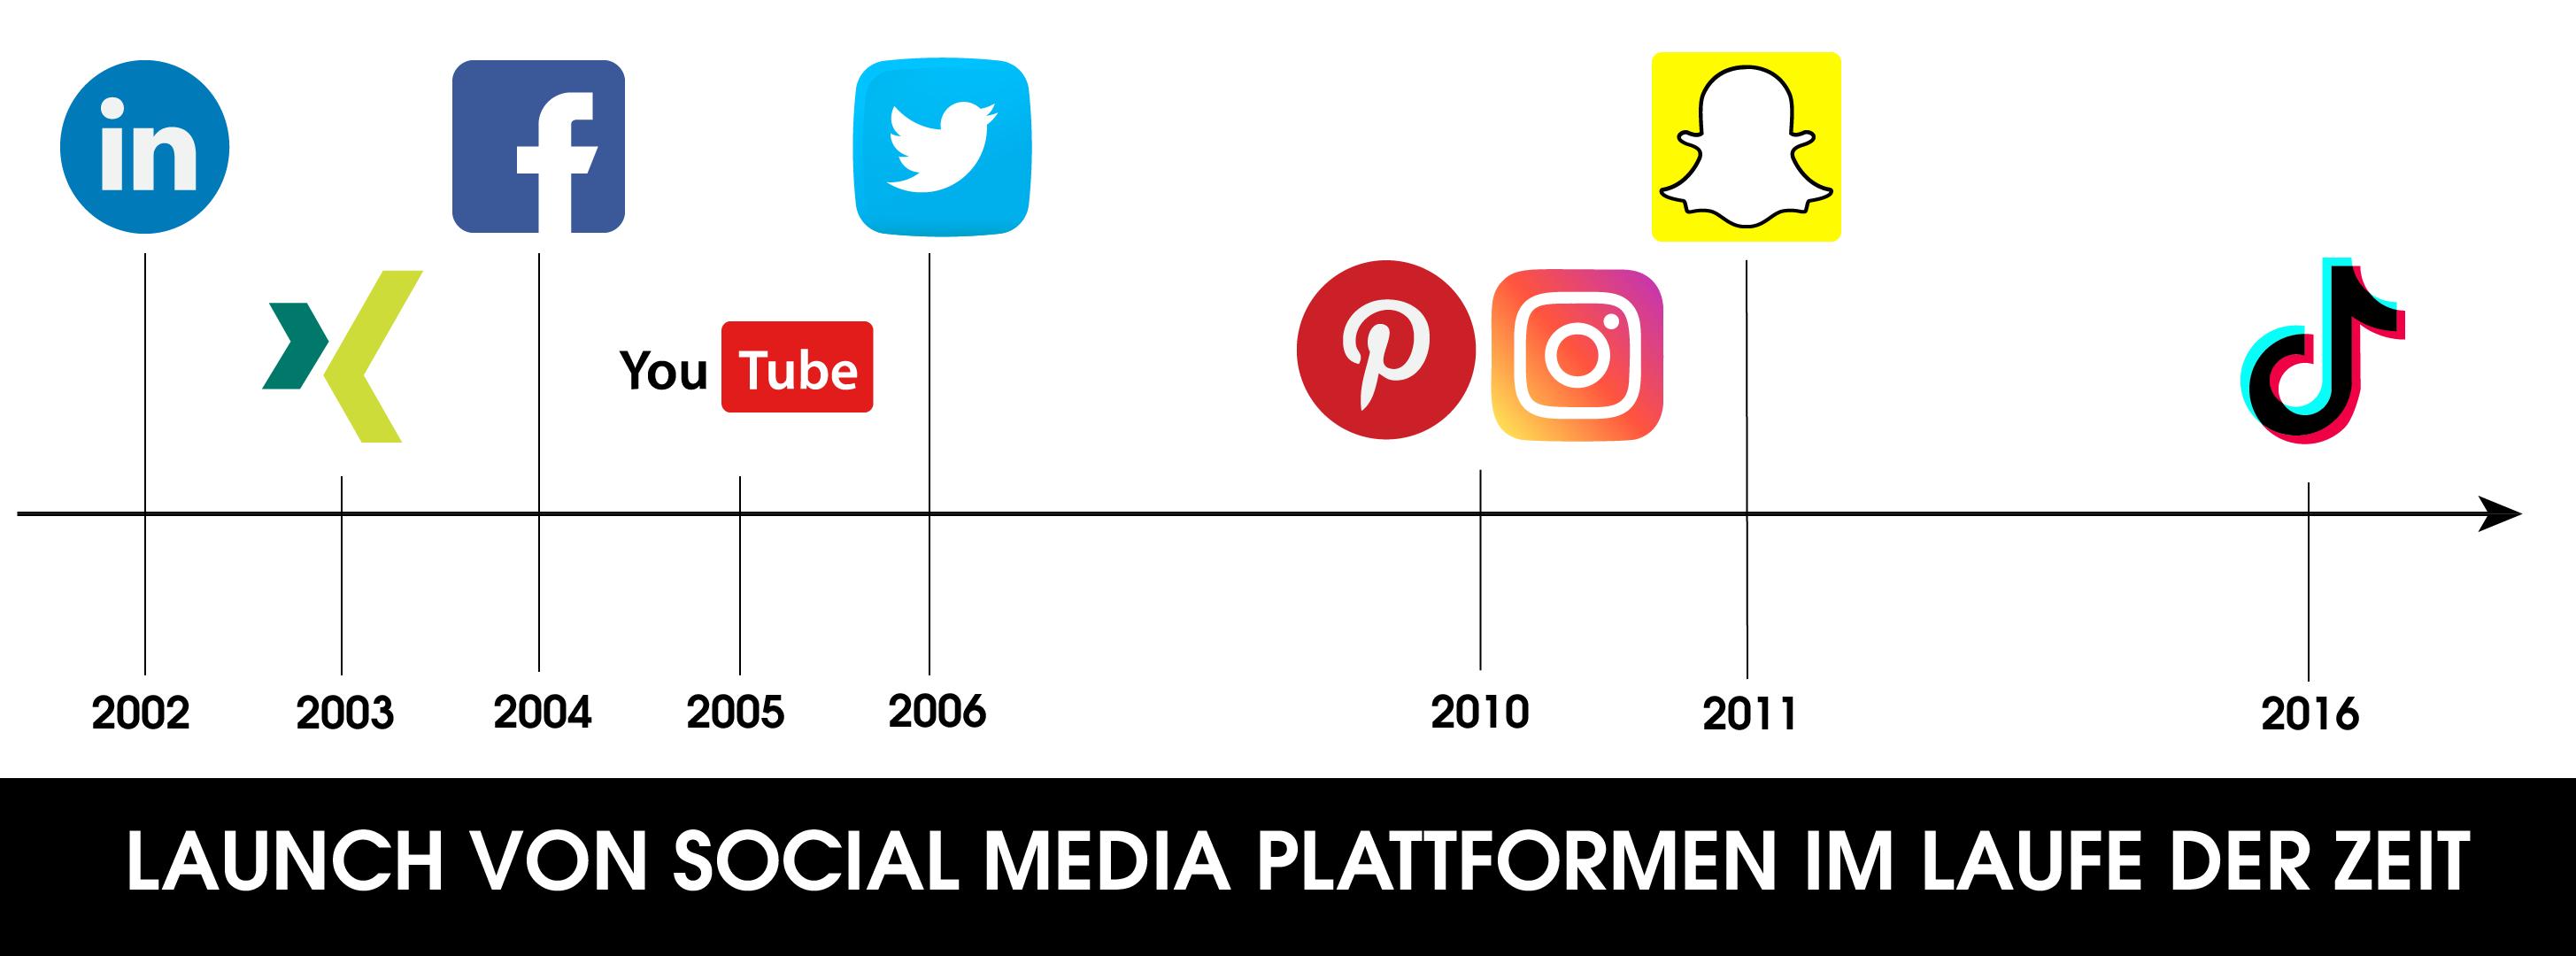 Die Grafik zeigt die Entwicklungen im der einzelnen Social Media Plattformen im Laufe der Zeit. Hier siehst Du die beliebtesten Social Media Plattformen und wann sie gelauncht wurden.